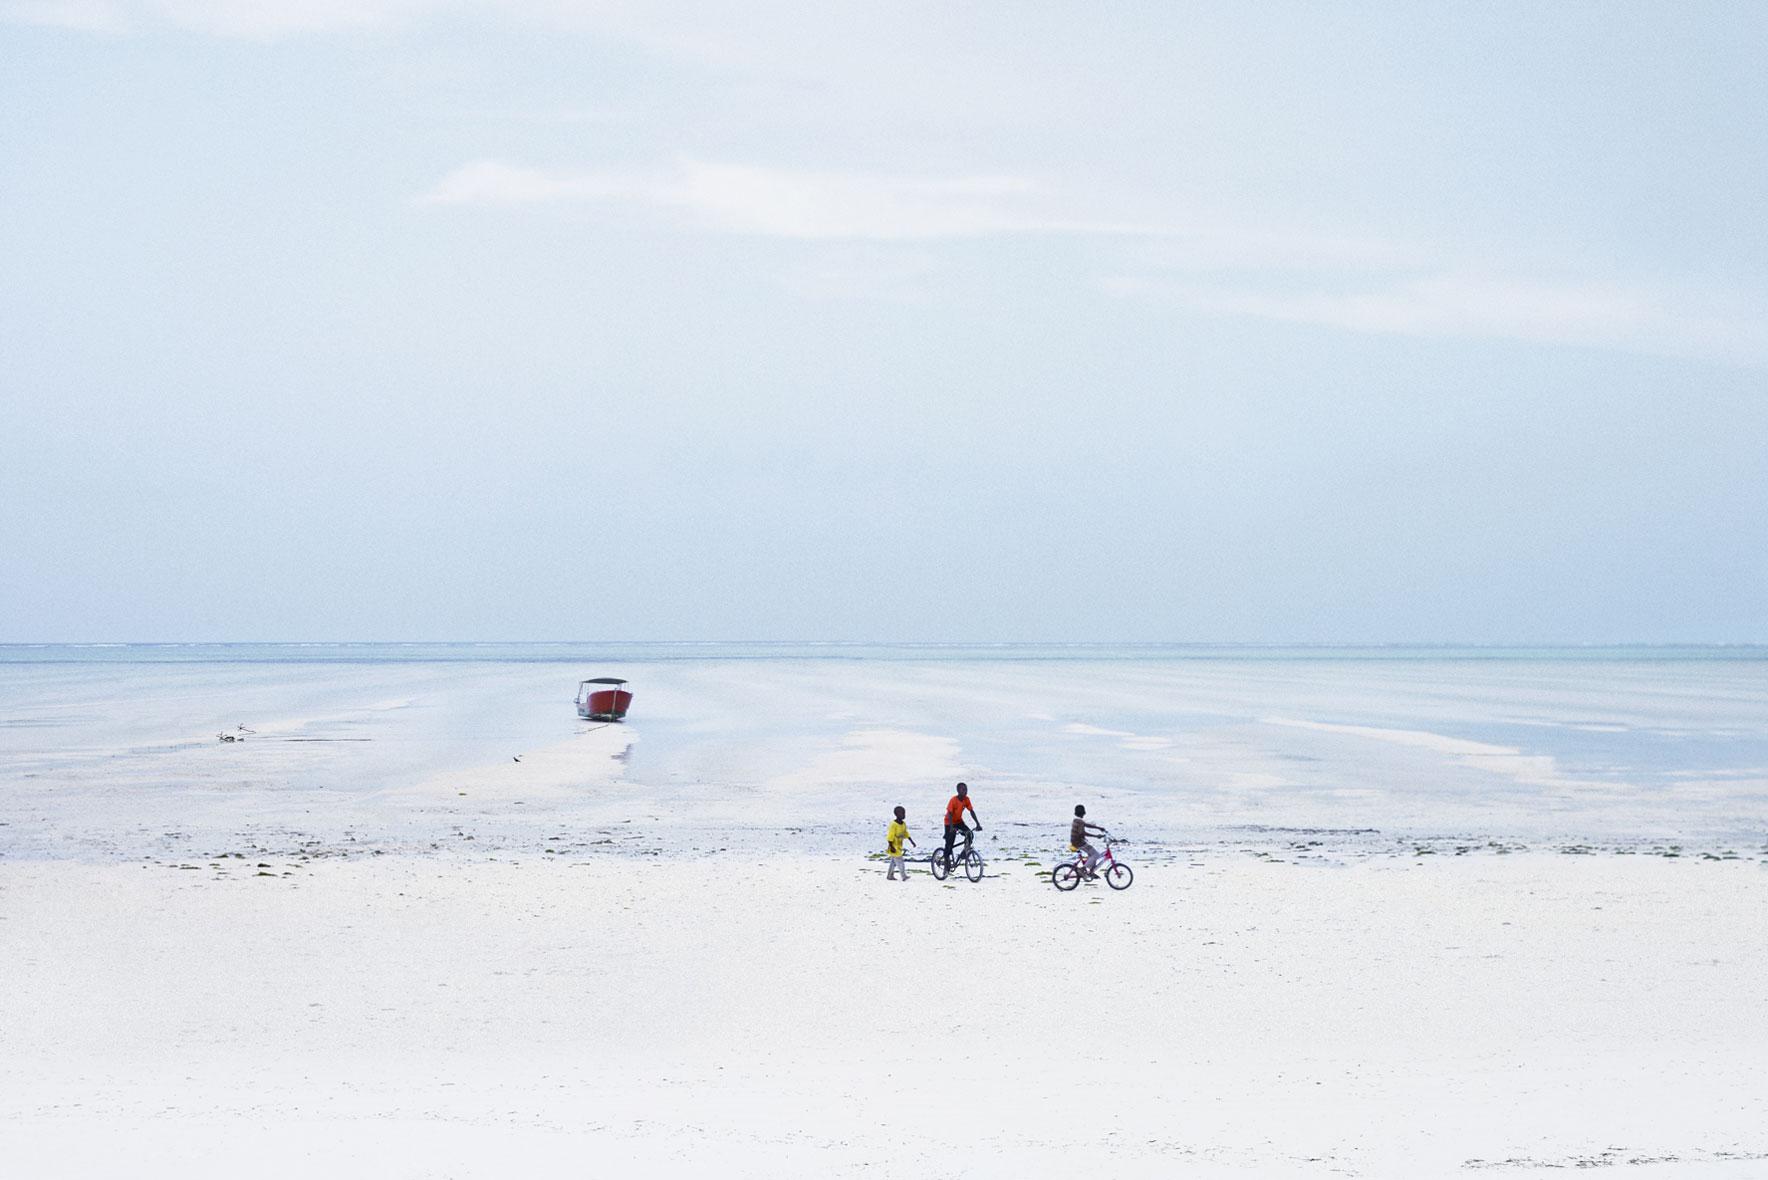 Park Hyatt Zanzibar AB : Henny Frazer